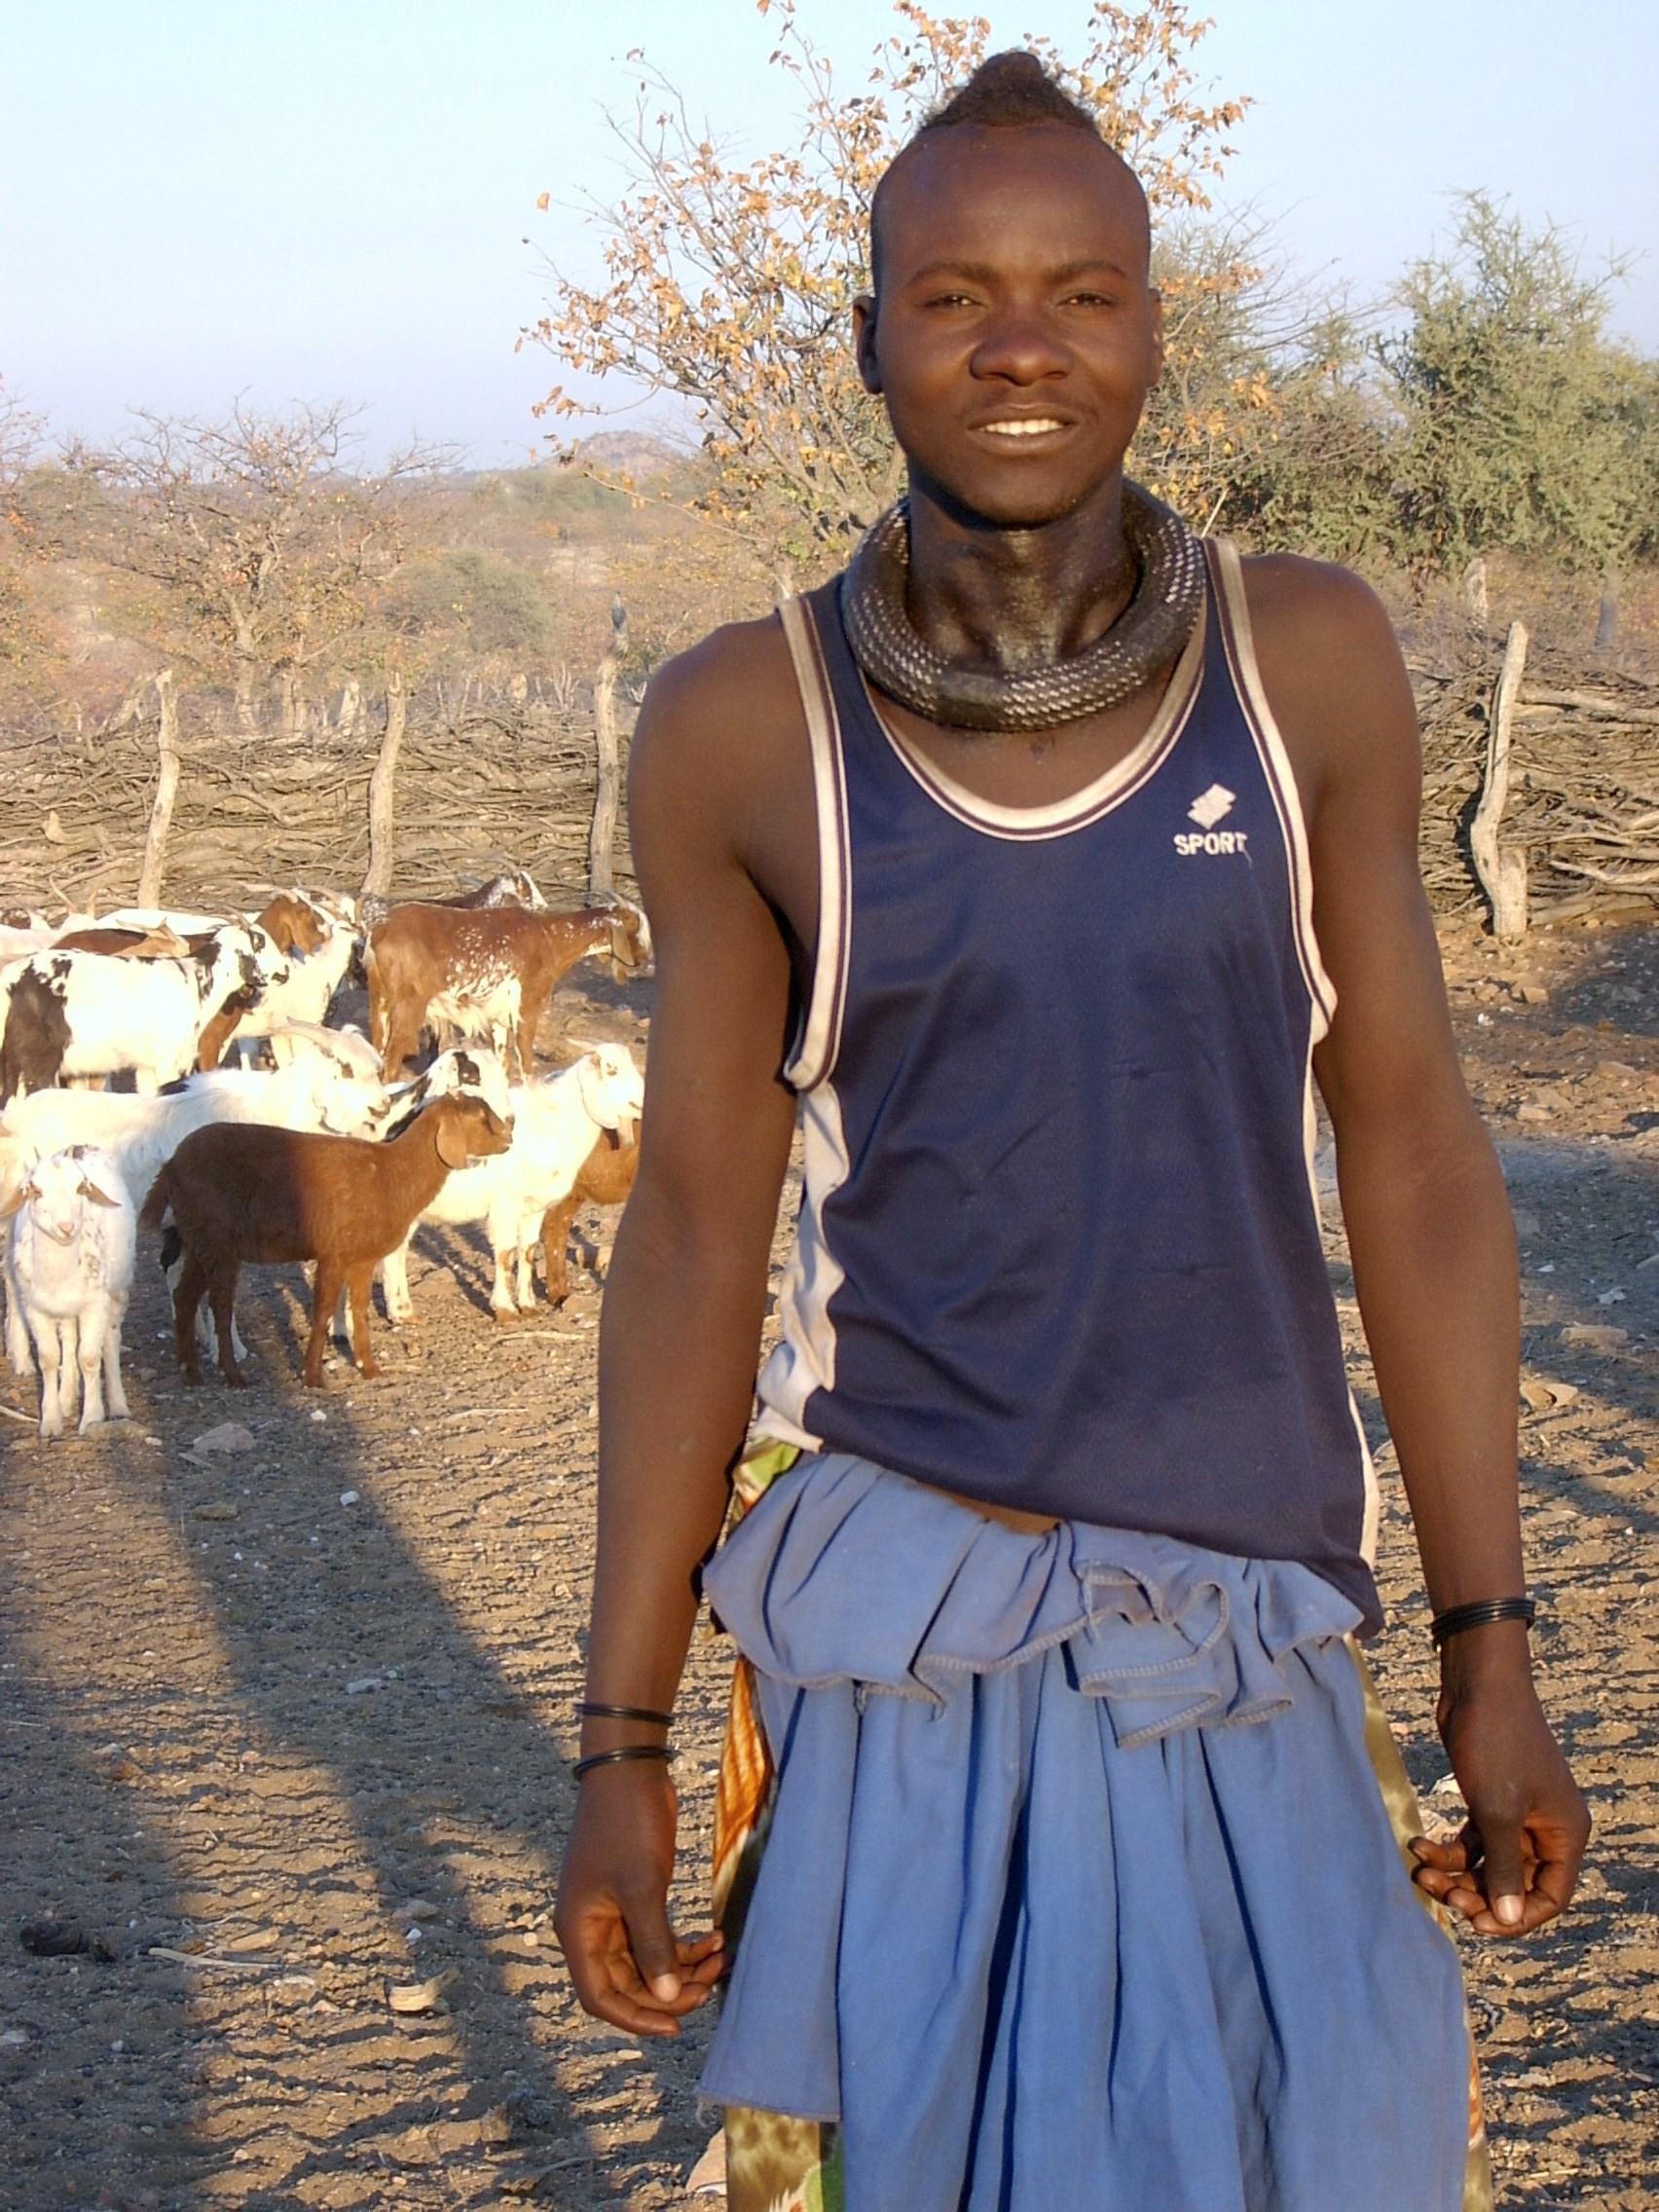 アフリカ・ナミビア旅行「ヒンバ族」に会いに行こう!一生に一度も体を洗わない世界で最も美しい民族とは